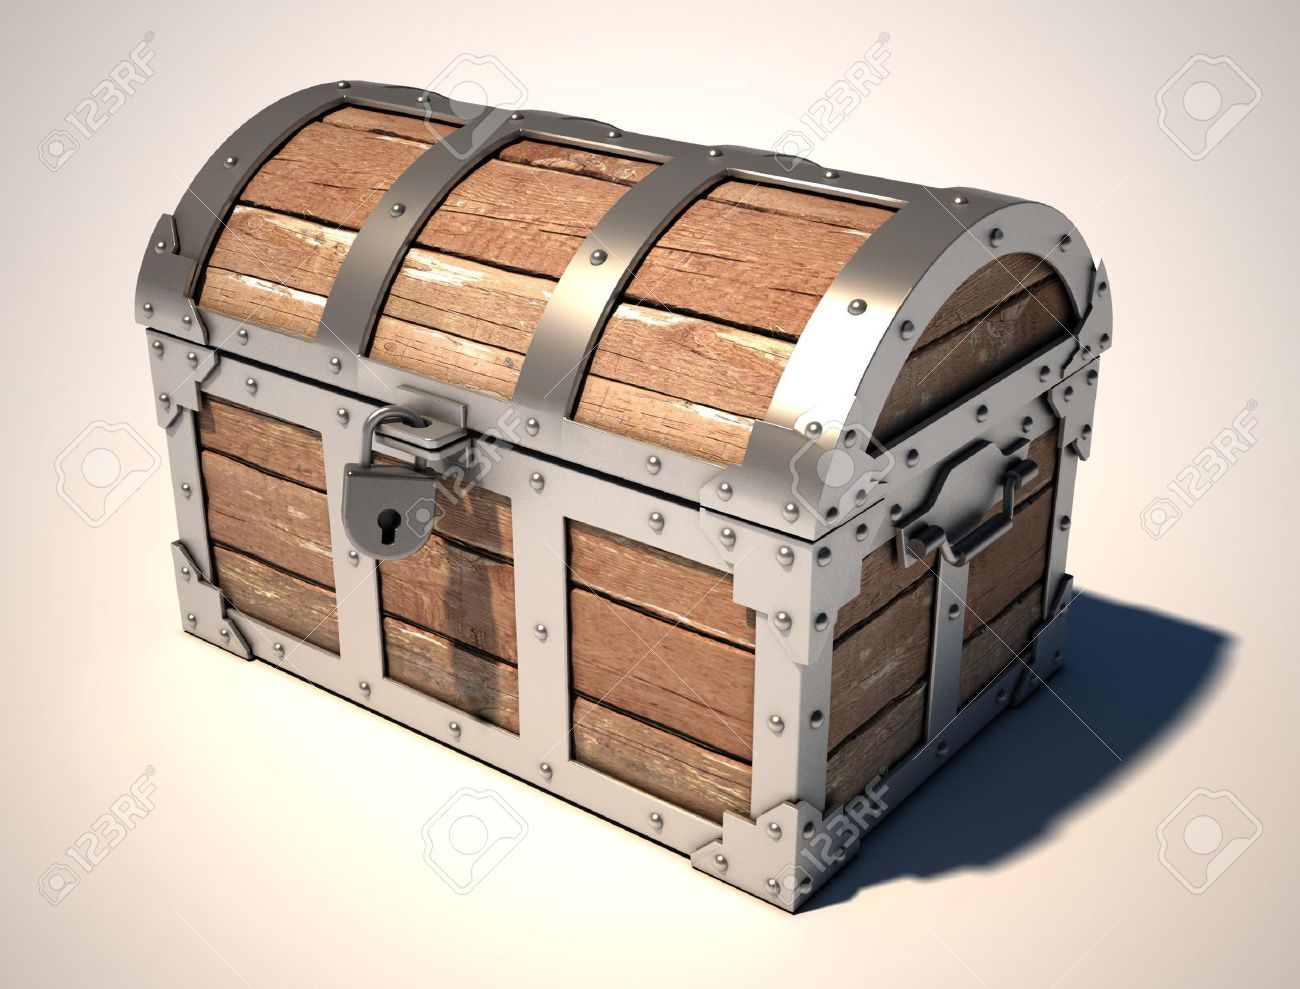 closed treasure chest Stock Photo - 7575736